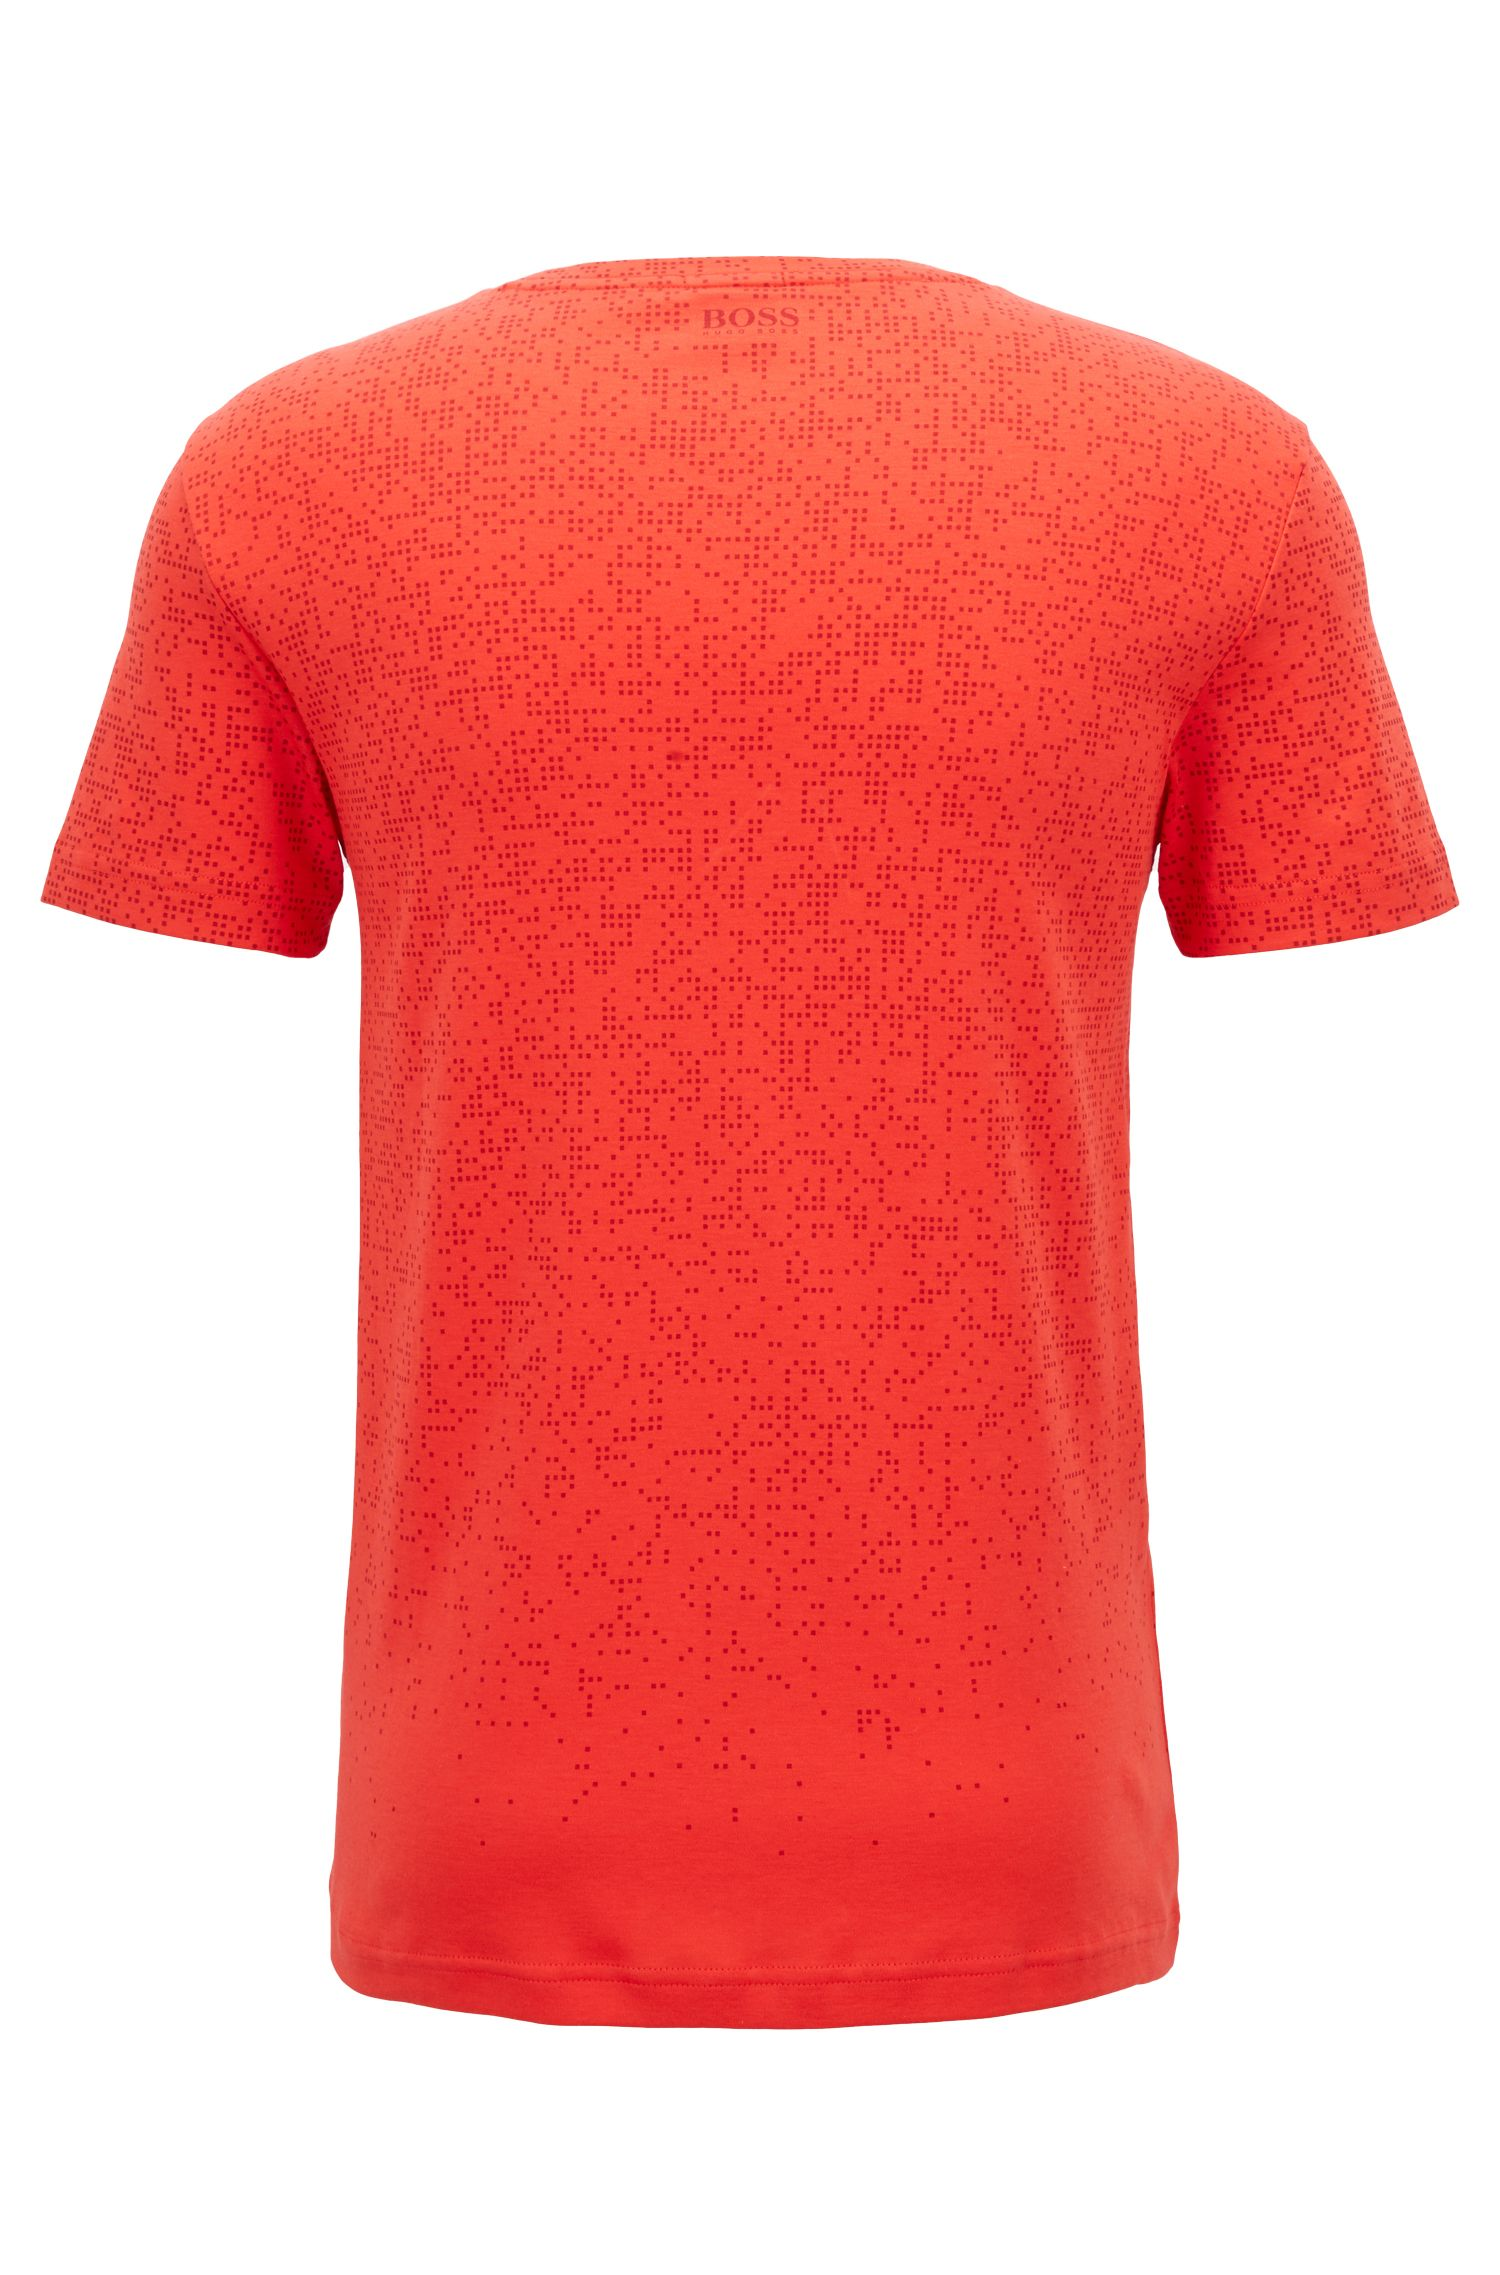 T-Shirt aus Baumwolle mit Pixel-Muster, Hellrot